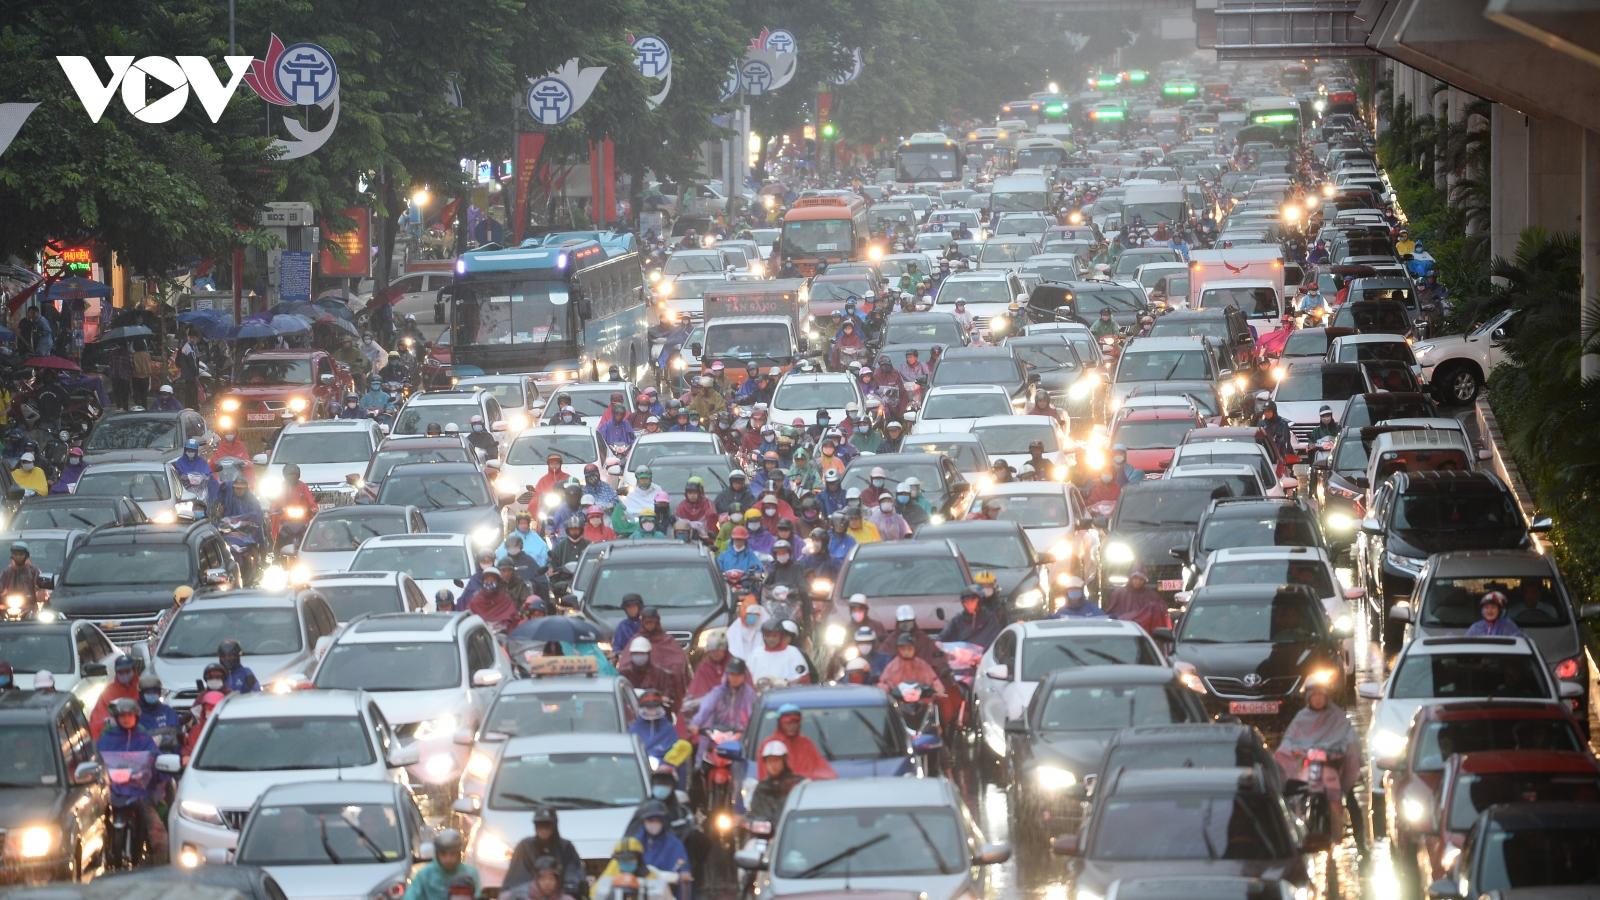 Đường phố Thủ đô Hà Nội tắc nghẽn như nêm vào giờ tan tầm